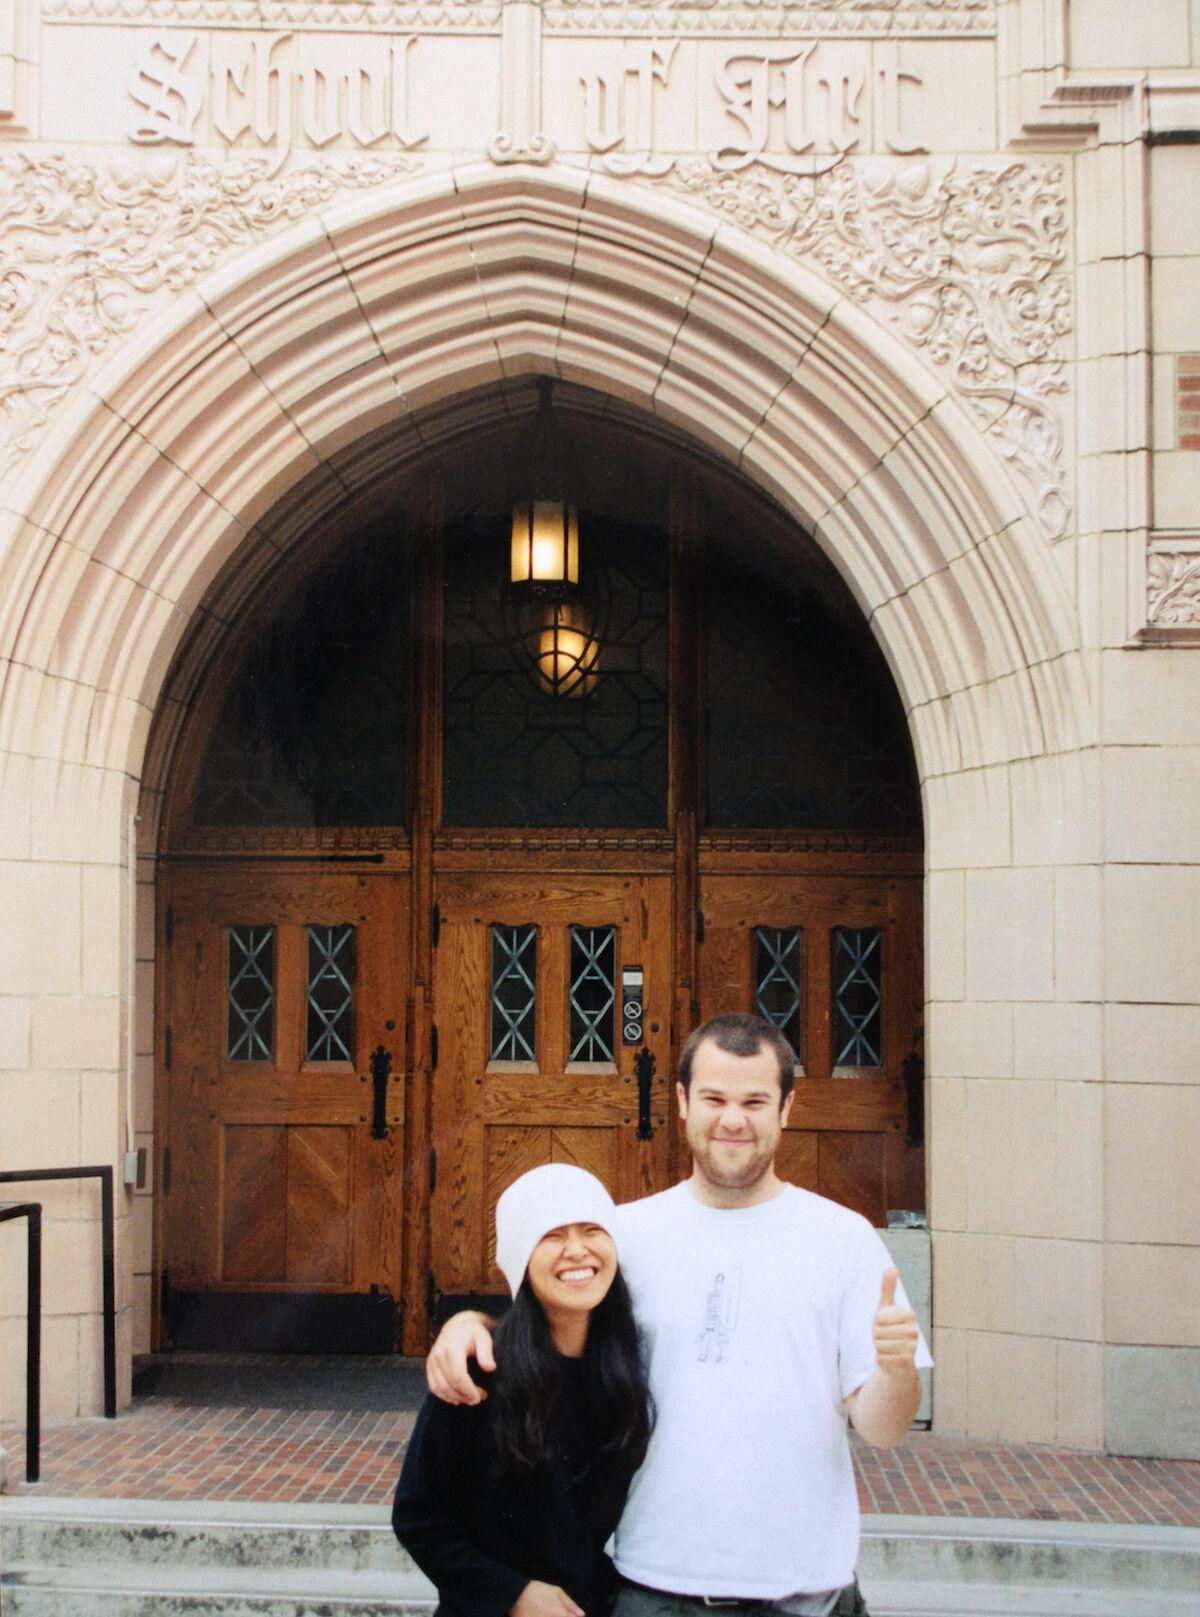 Jonas and Shio Kusaka at University of Washington, Seattle, WA, 2001. Courtesy of Wood Kusaka Studios.